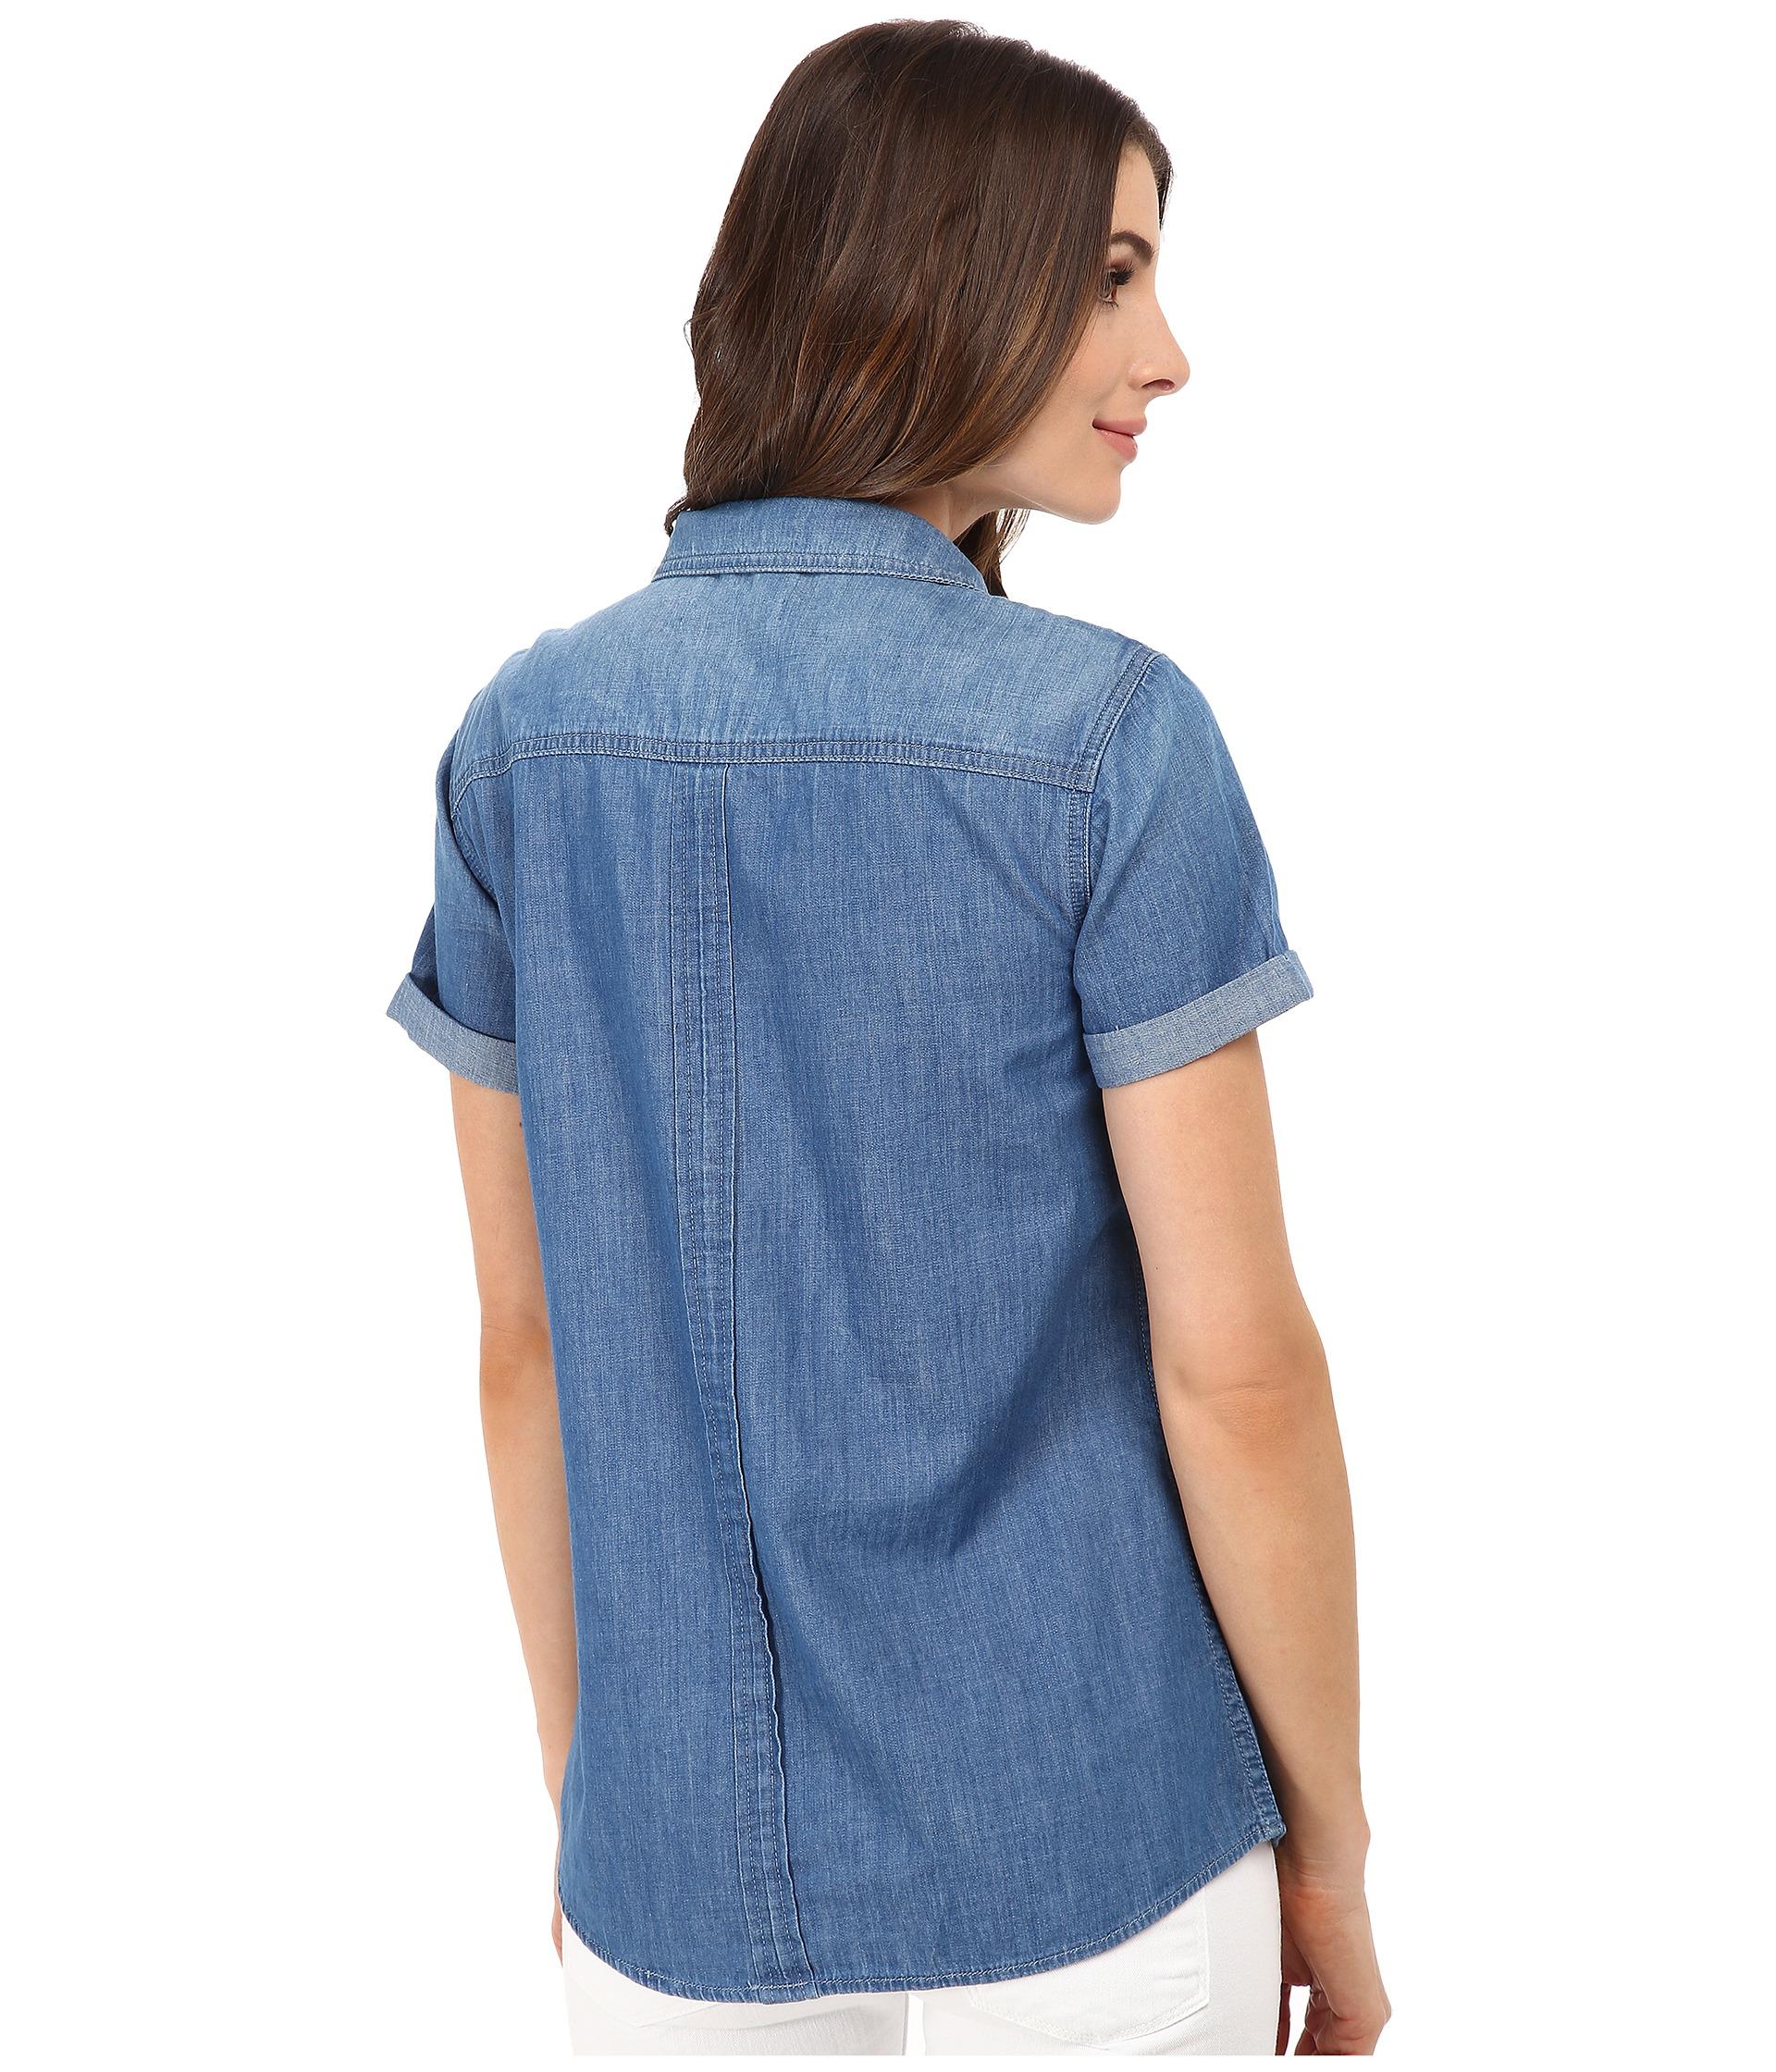 denim shirt pockets - photo #49